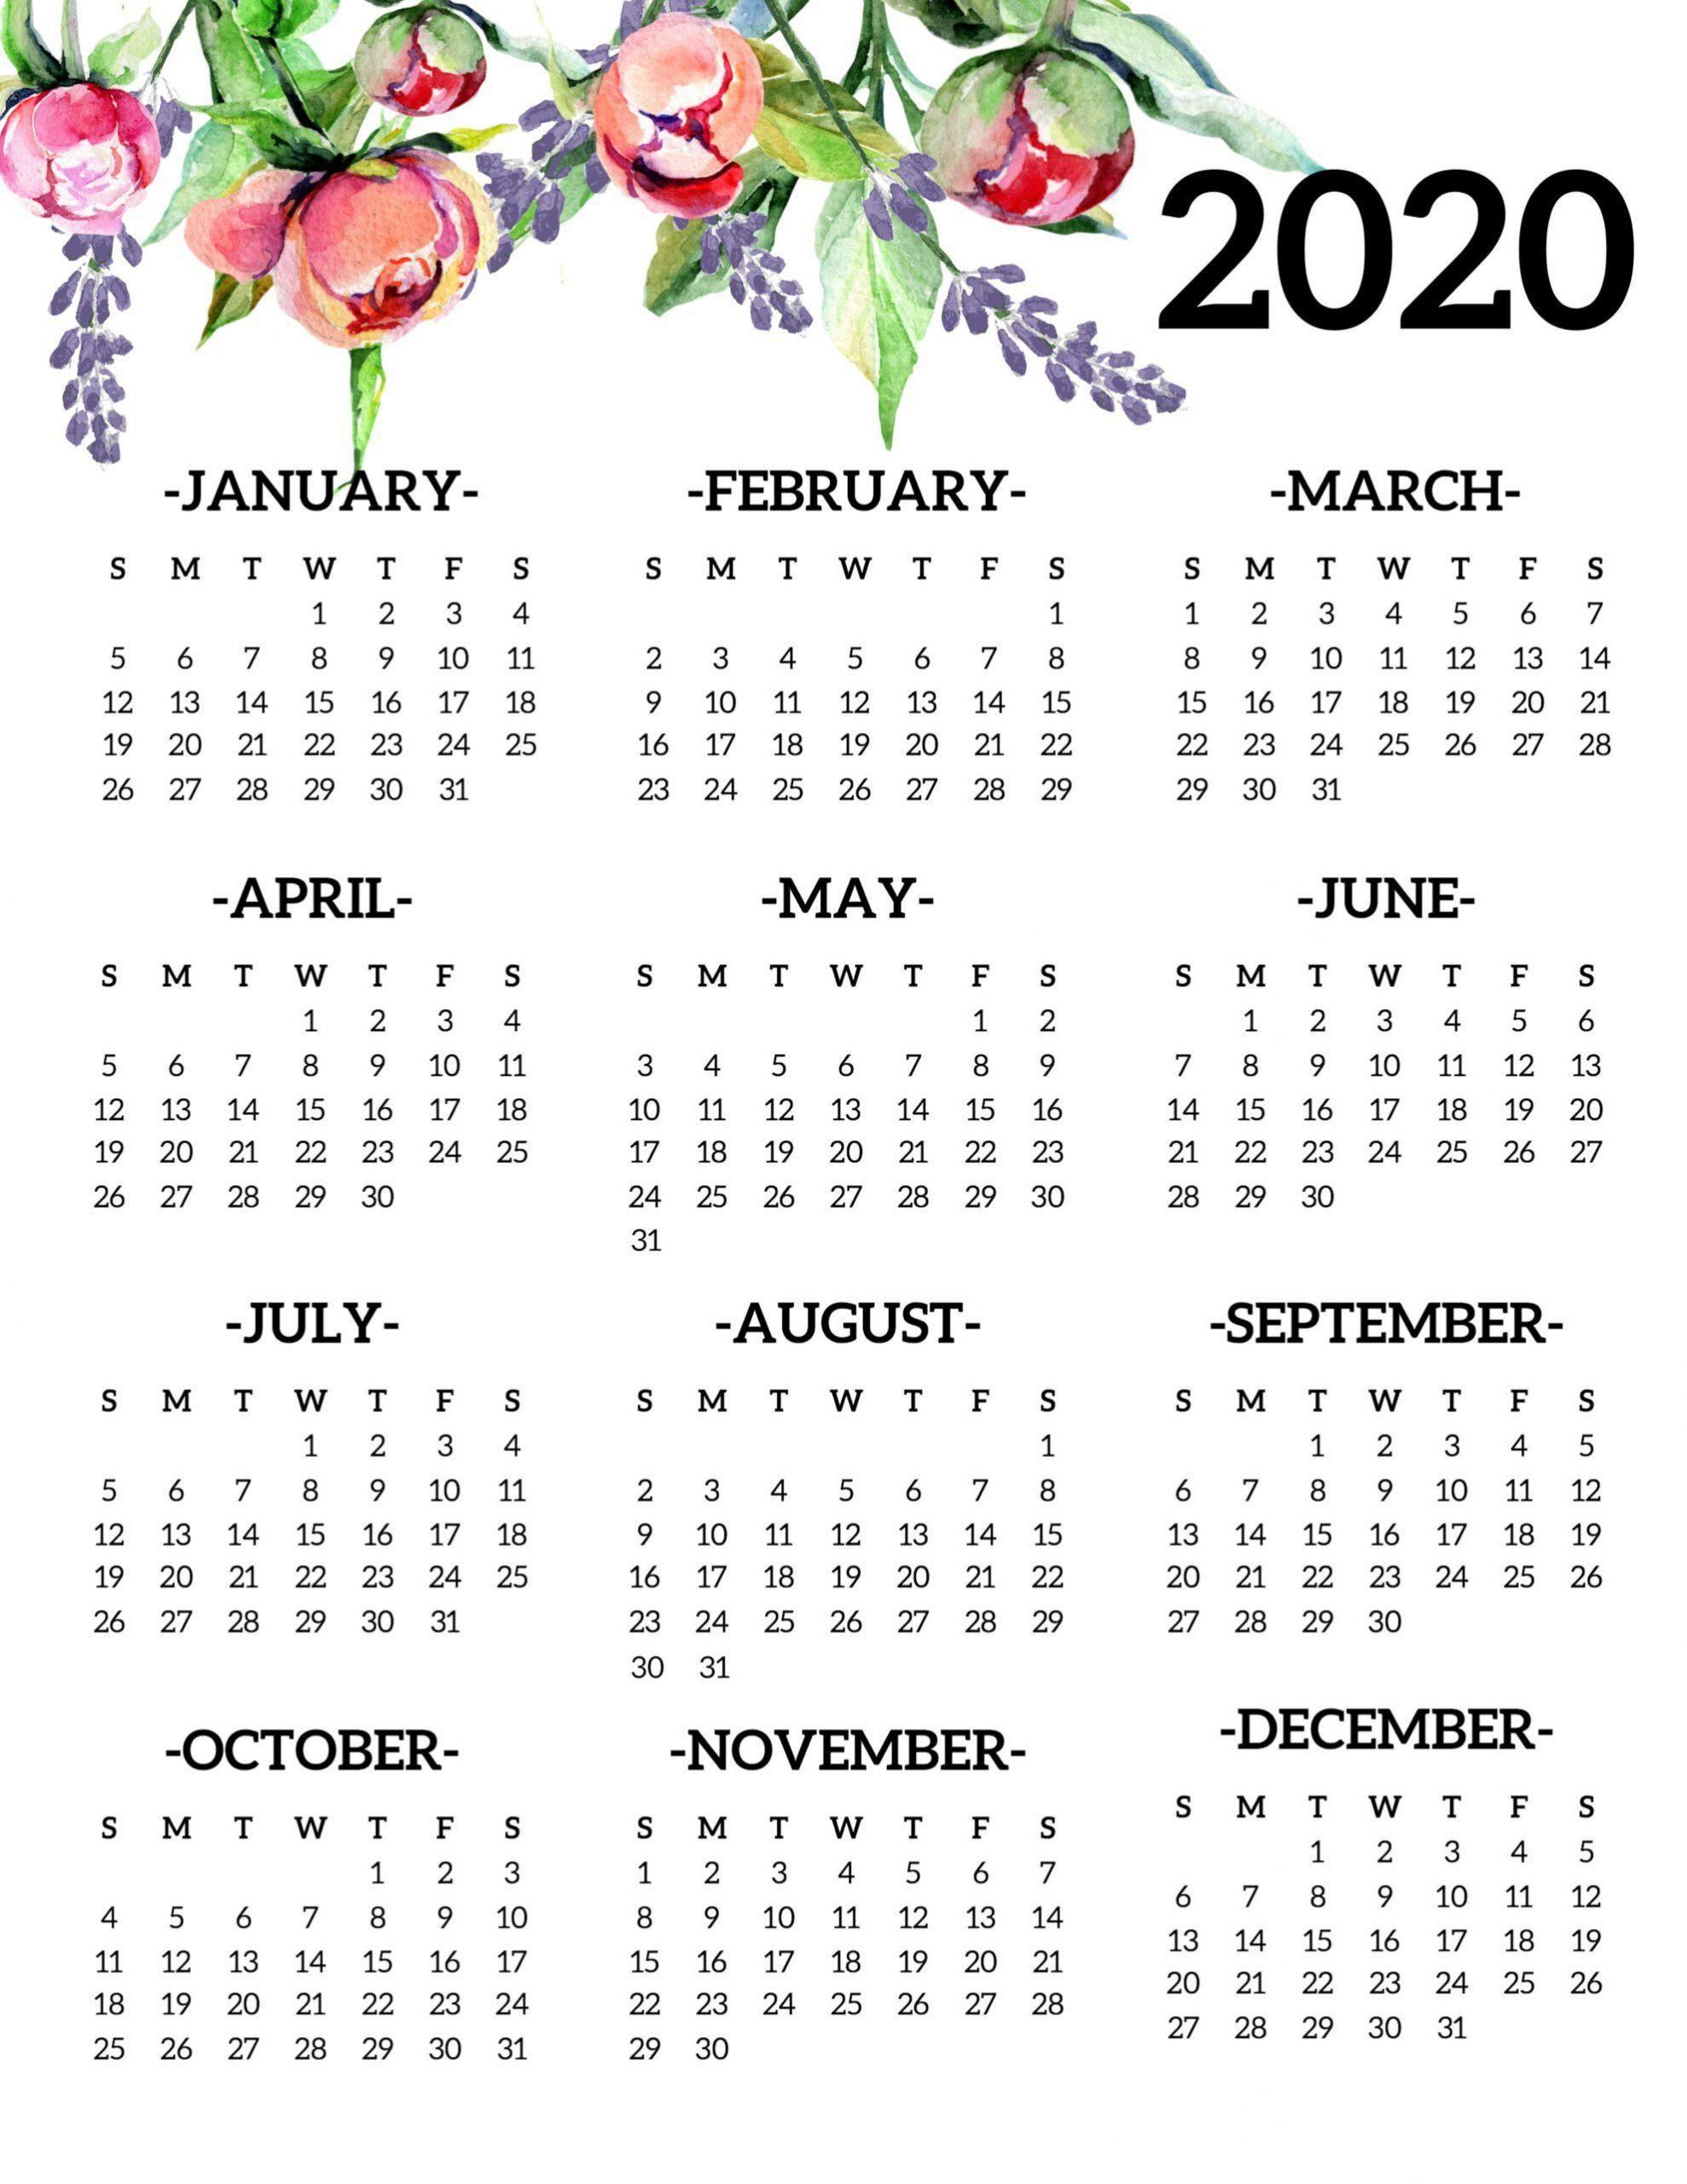 2020 Year Calendar Printable Free В 2020 Г | Шаблоны